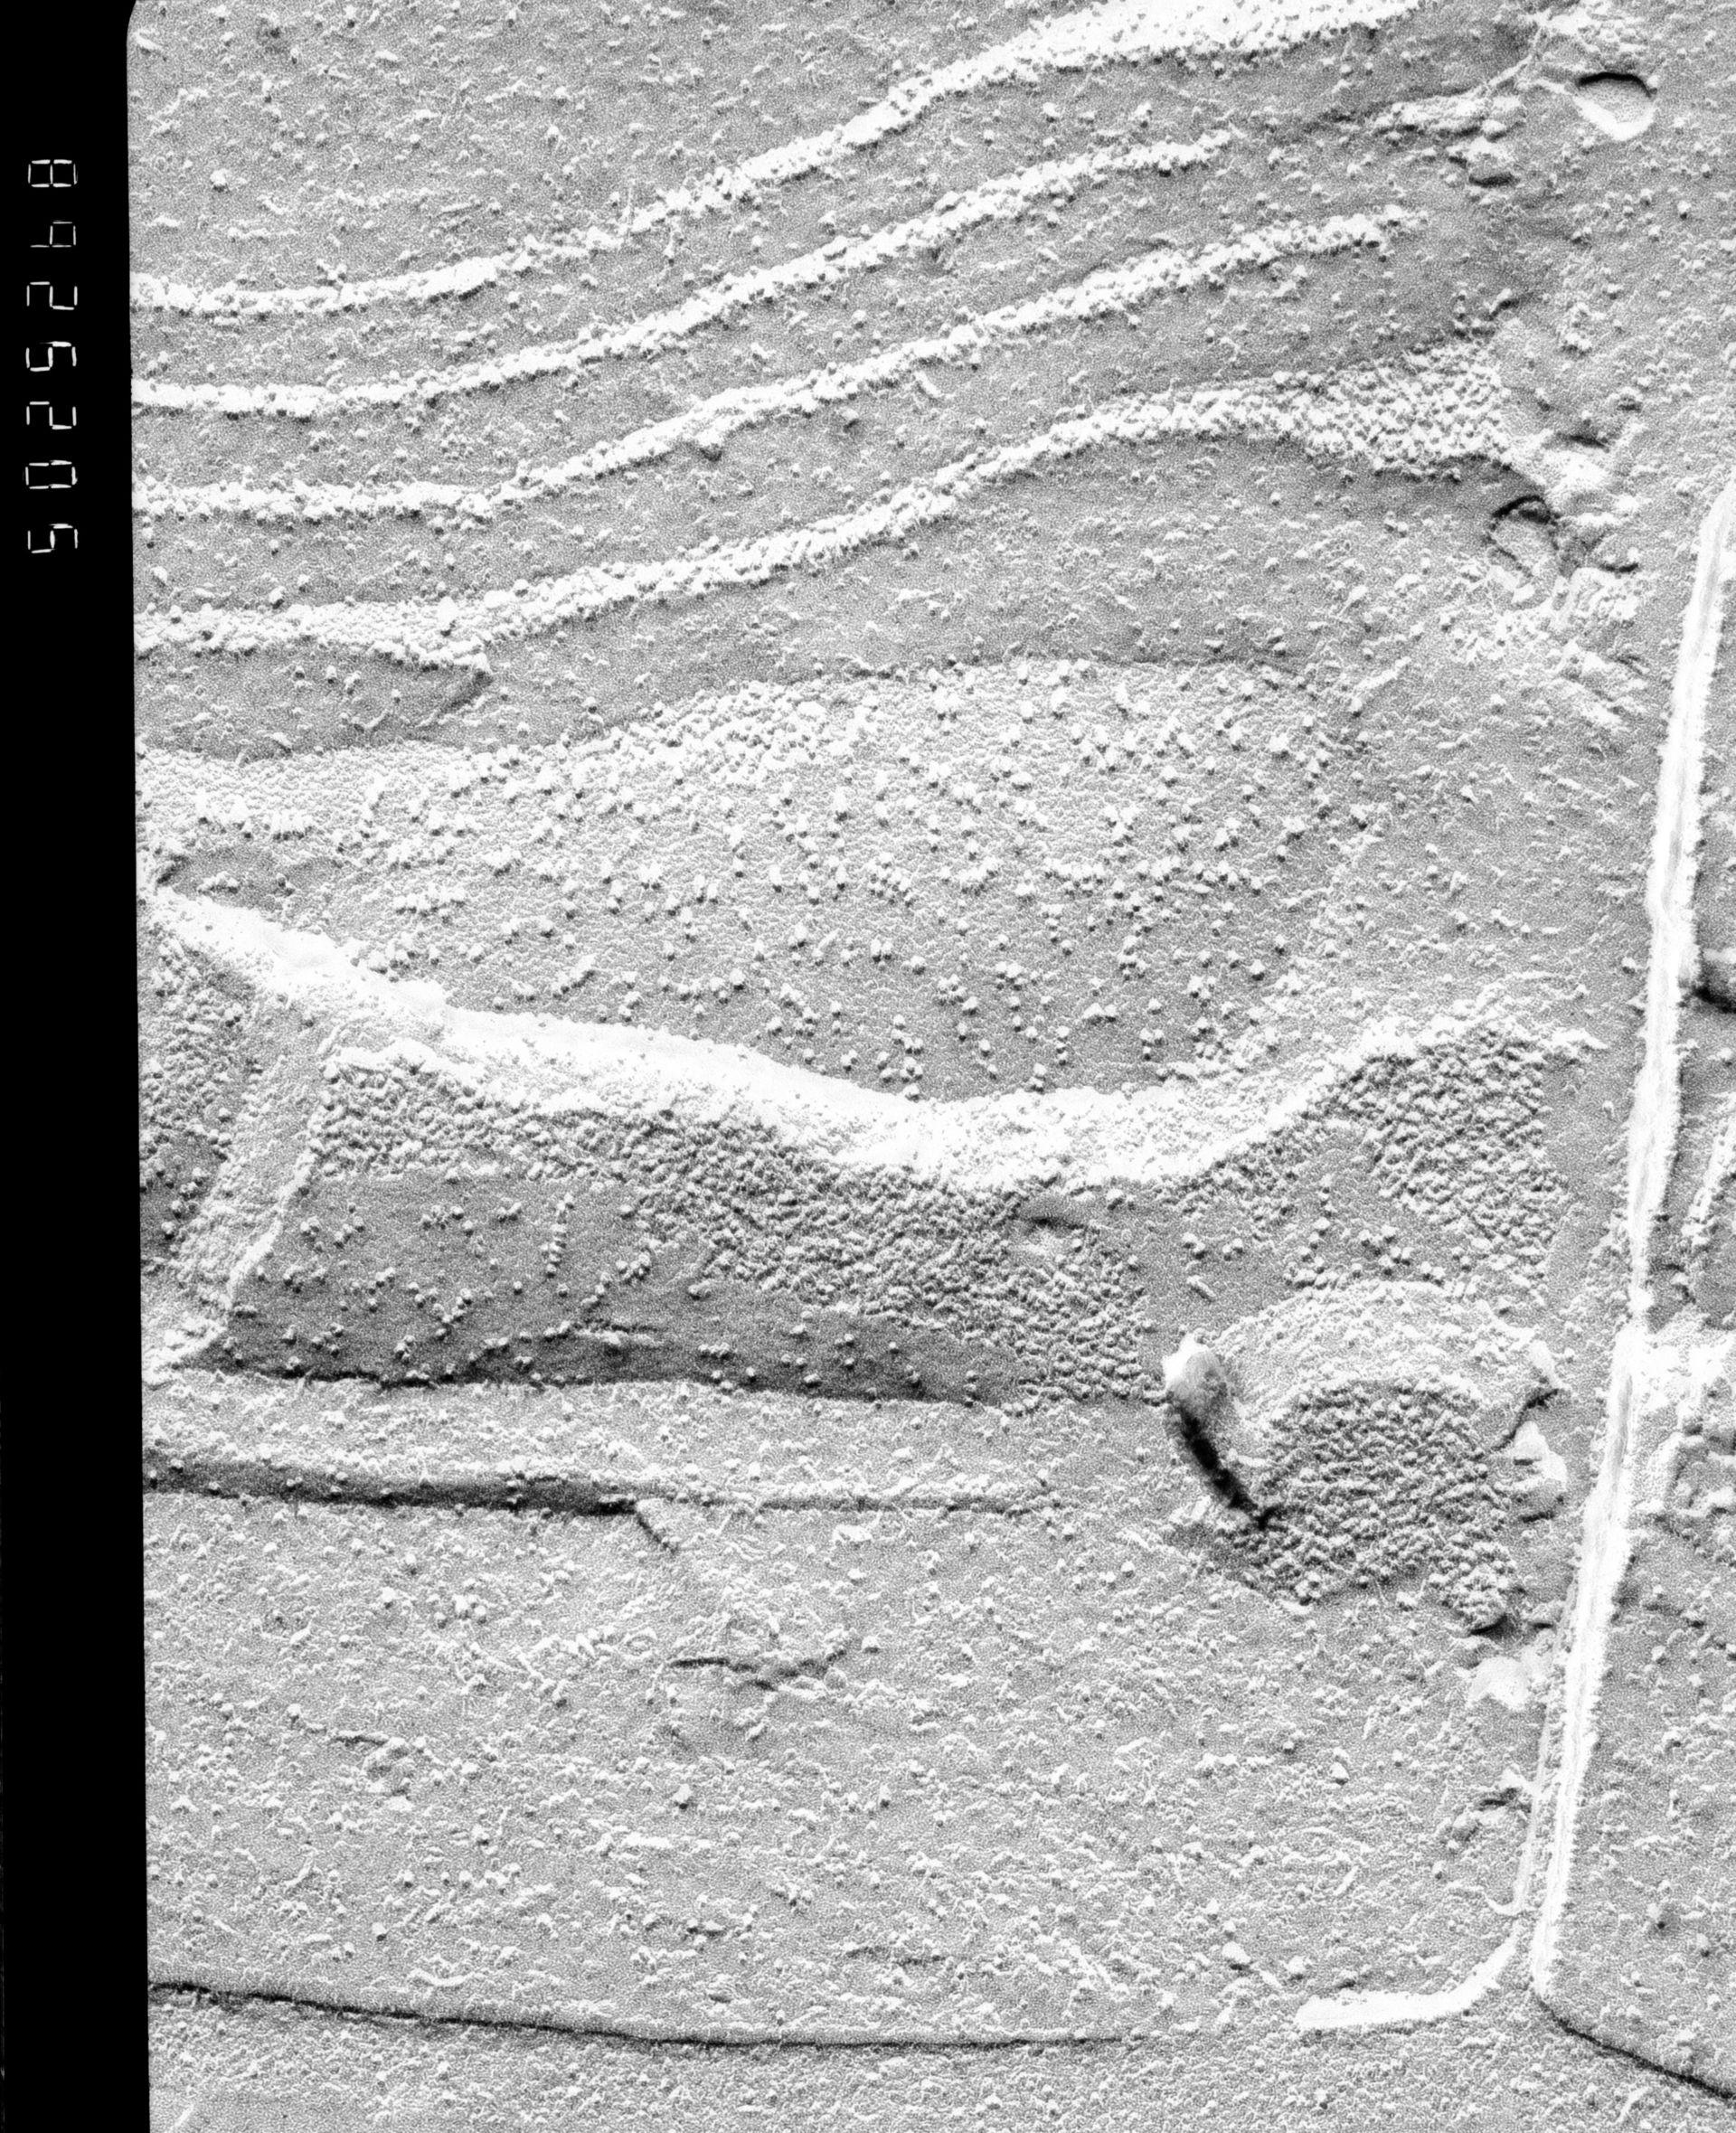 Oscillatoria tenuis (Thylakoid) - CIL:16226